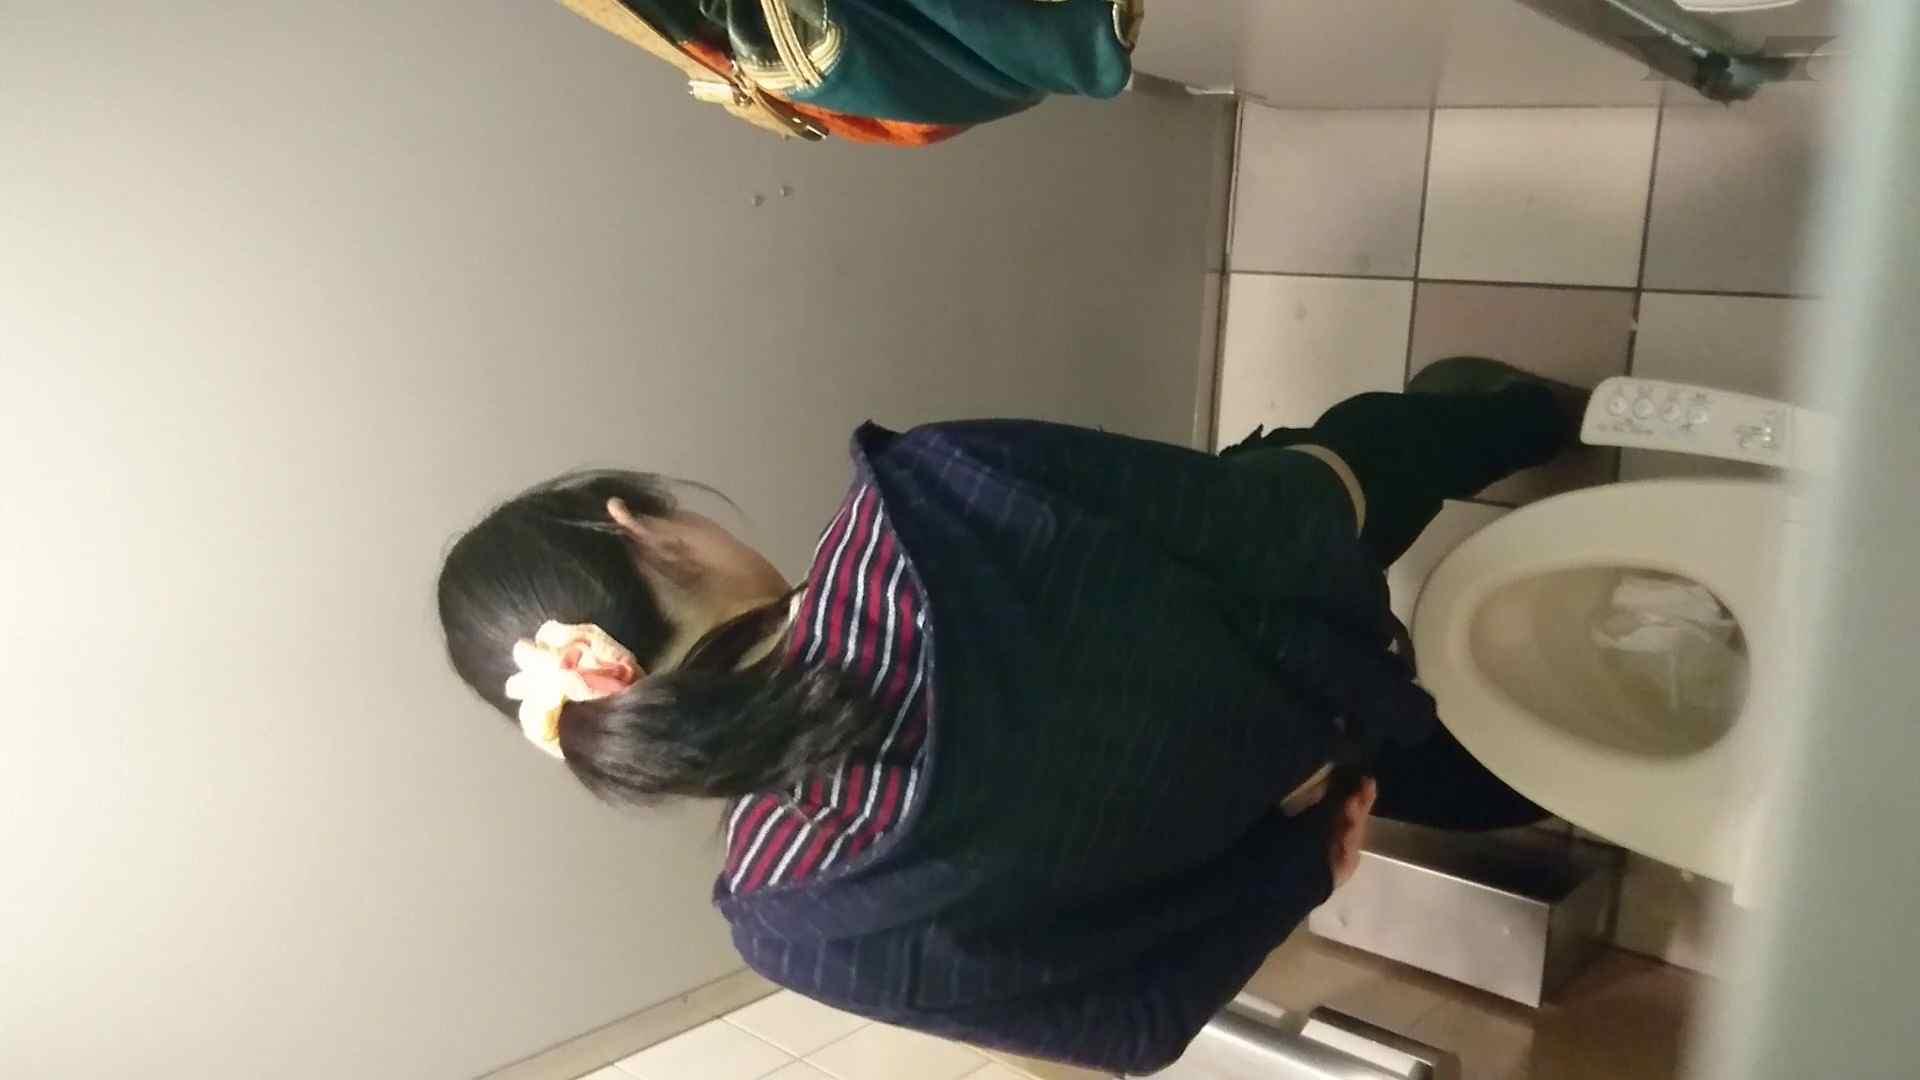 化粧室絵巻 ショッピングモール編 VOL.16 丸見え エロ無料画像 55画像 11